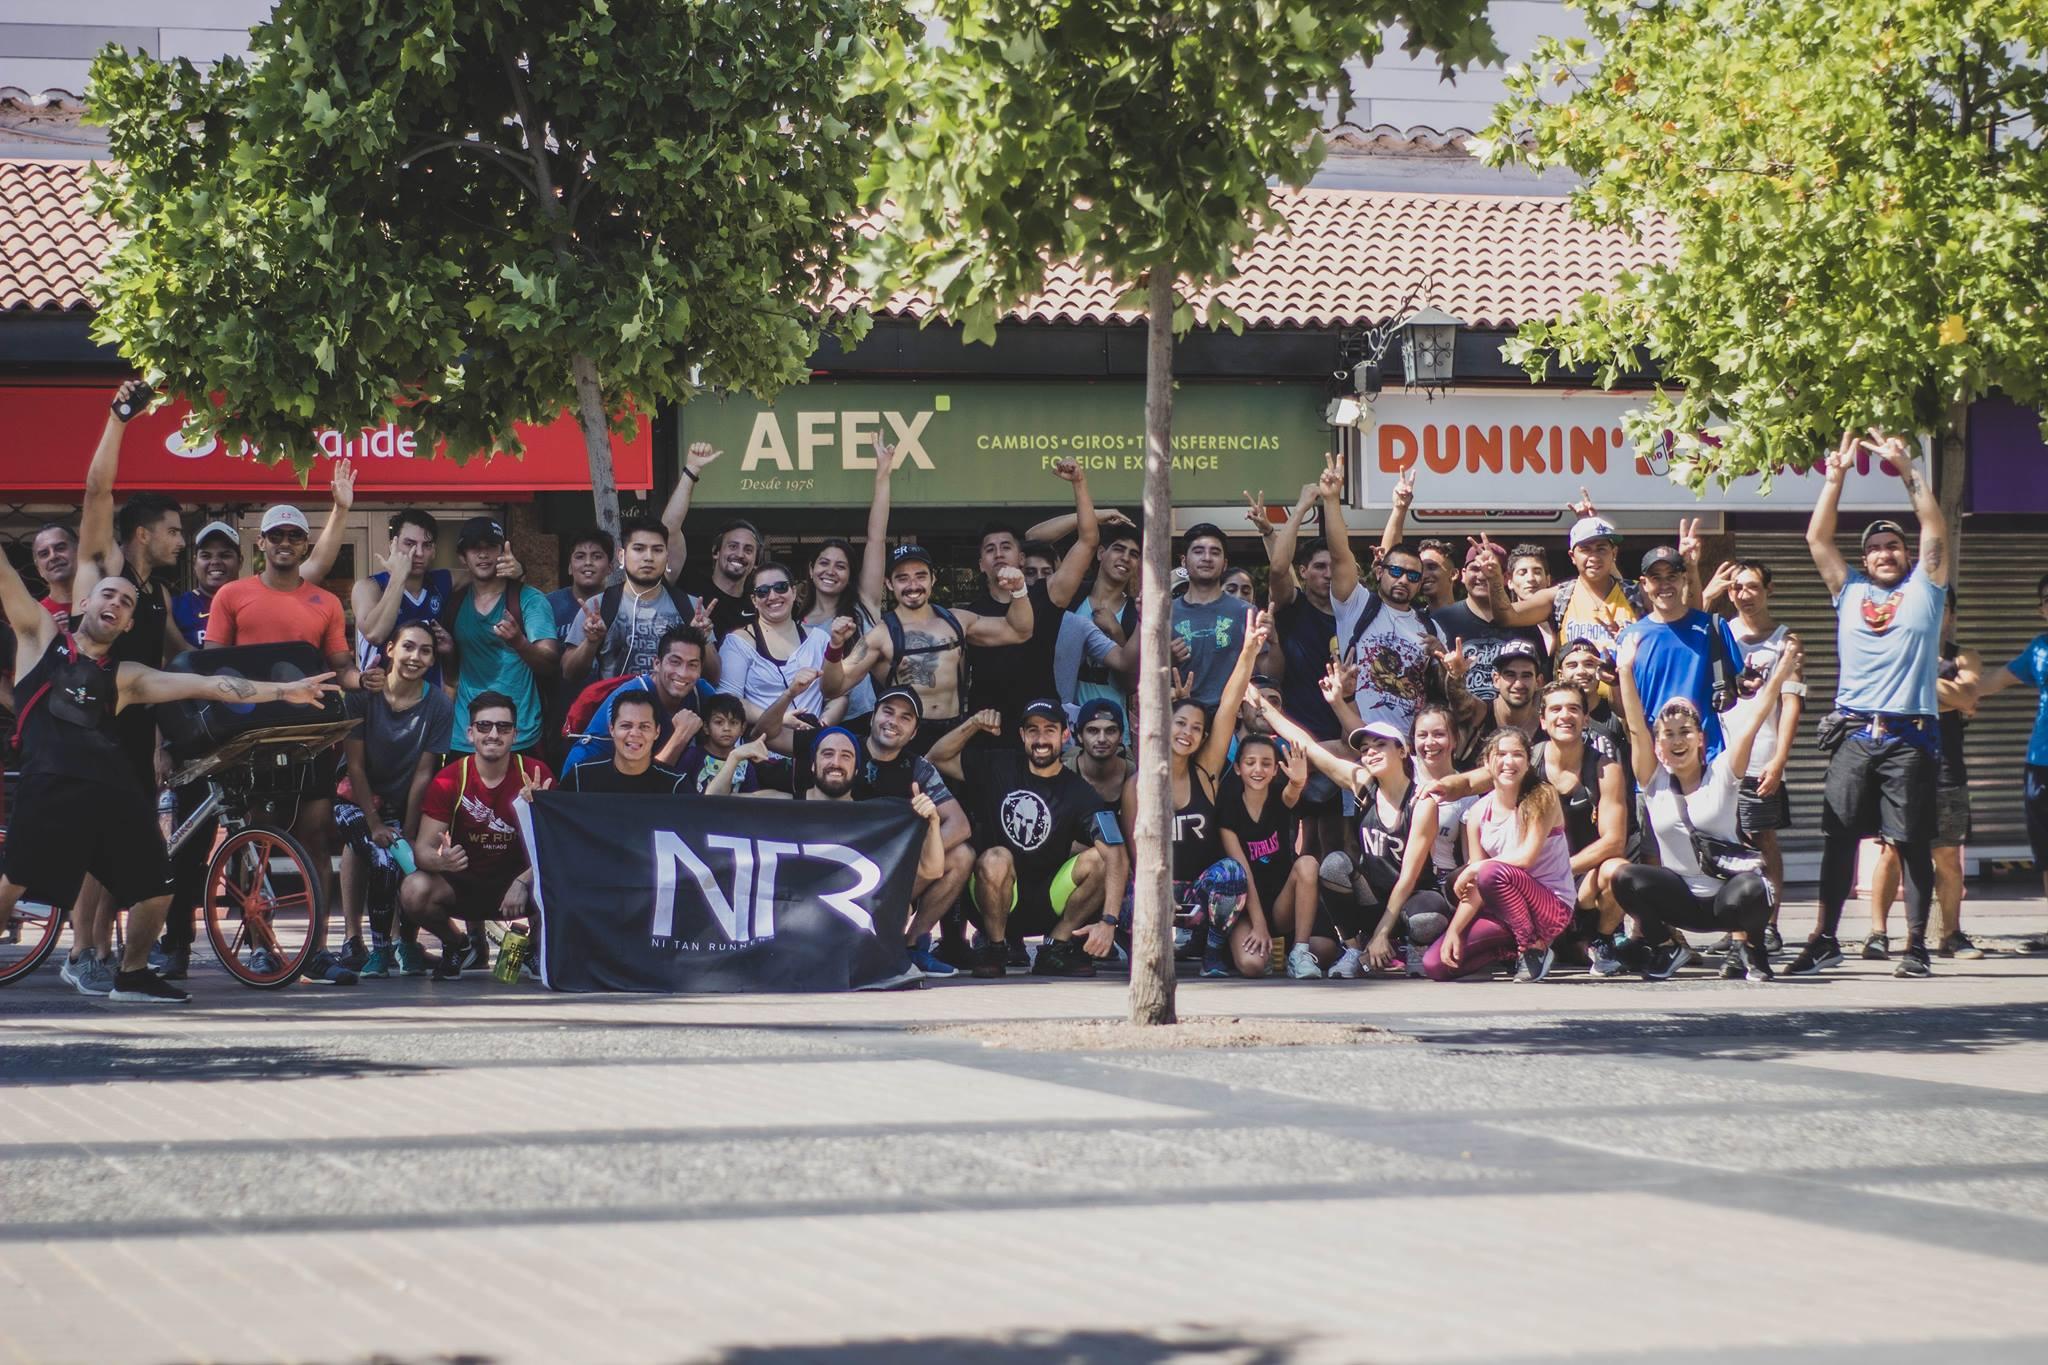 EL RUNNING Y LA CALESTENIA SE UNIERON EN LA PASADA SESION DE NTR